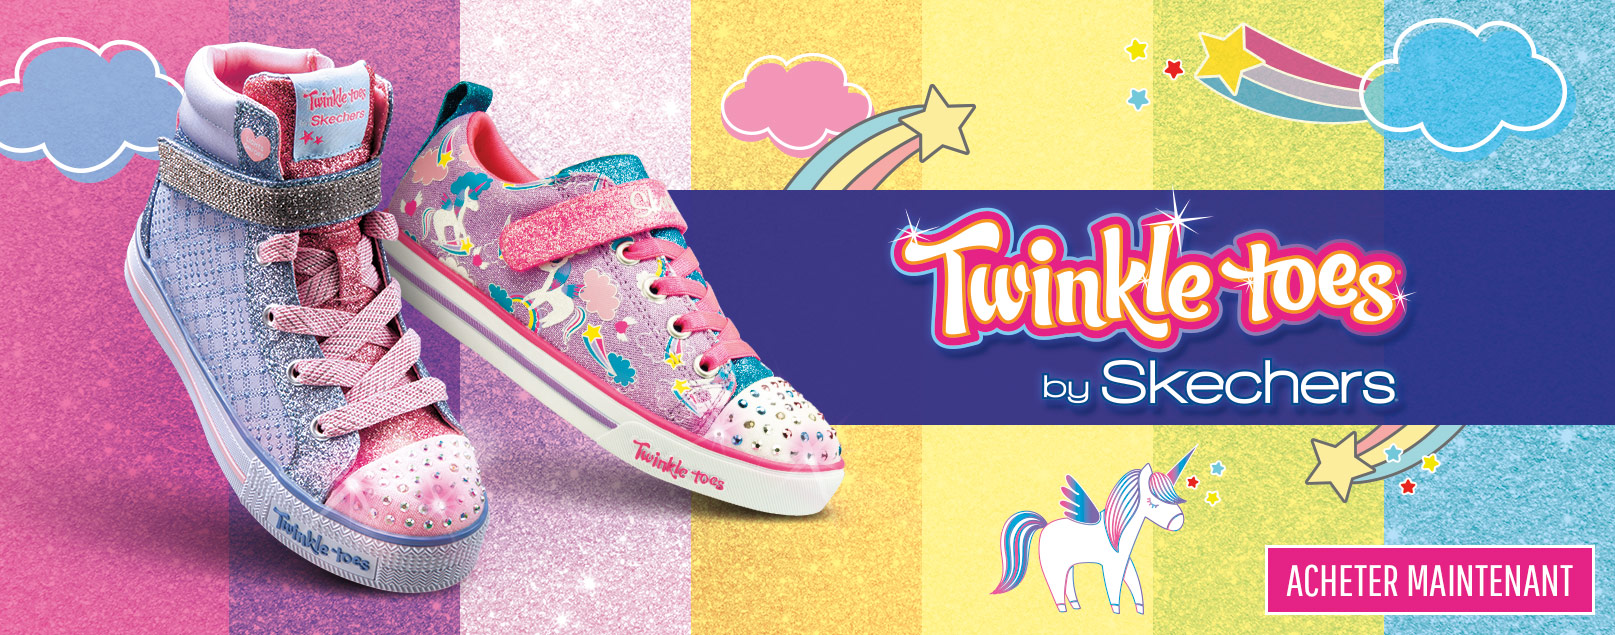 75fe9e1f9ec Chaussures Skechers Kids pour garçons et filles incluant des chaussures de  type athlétiques